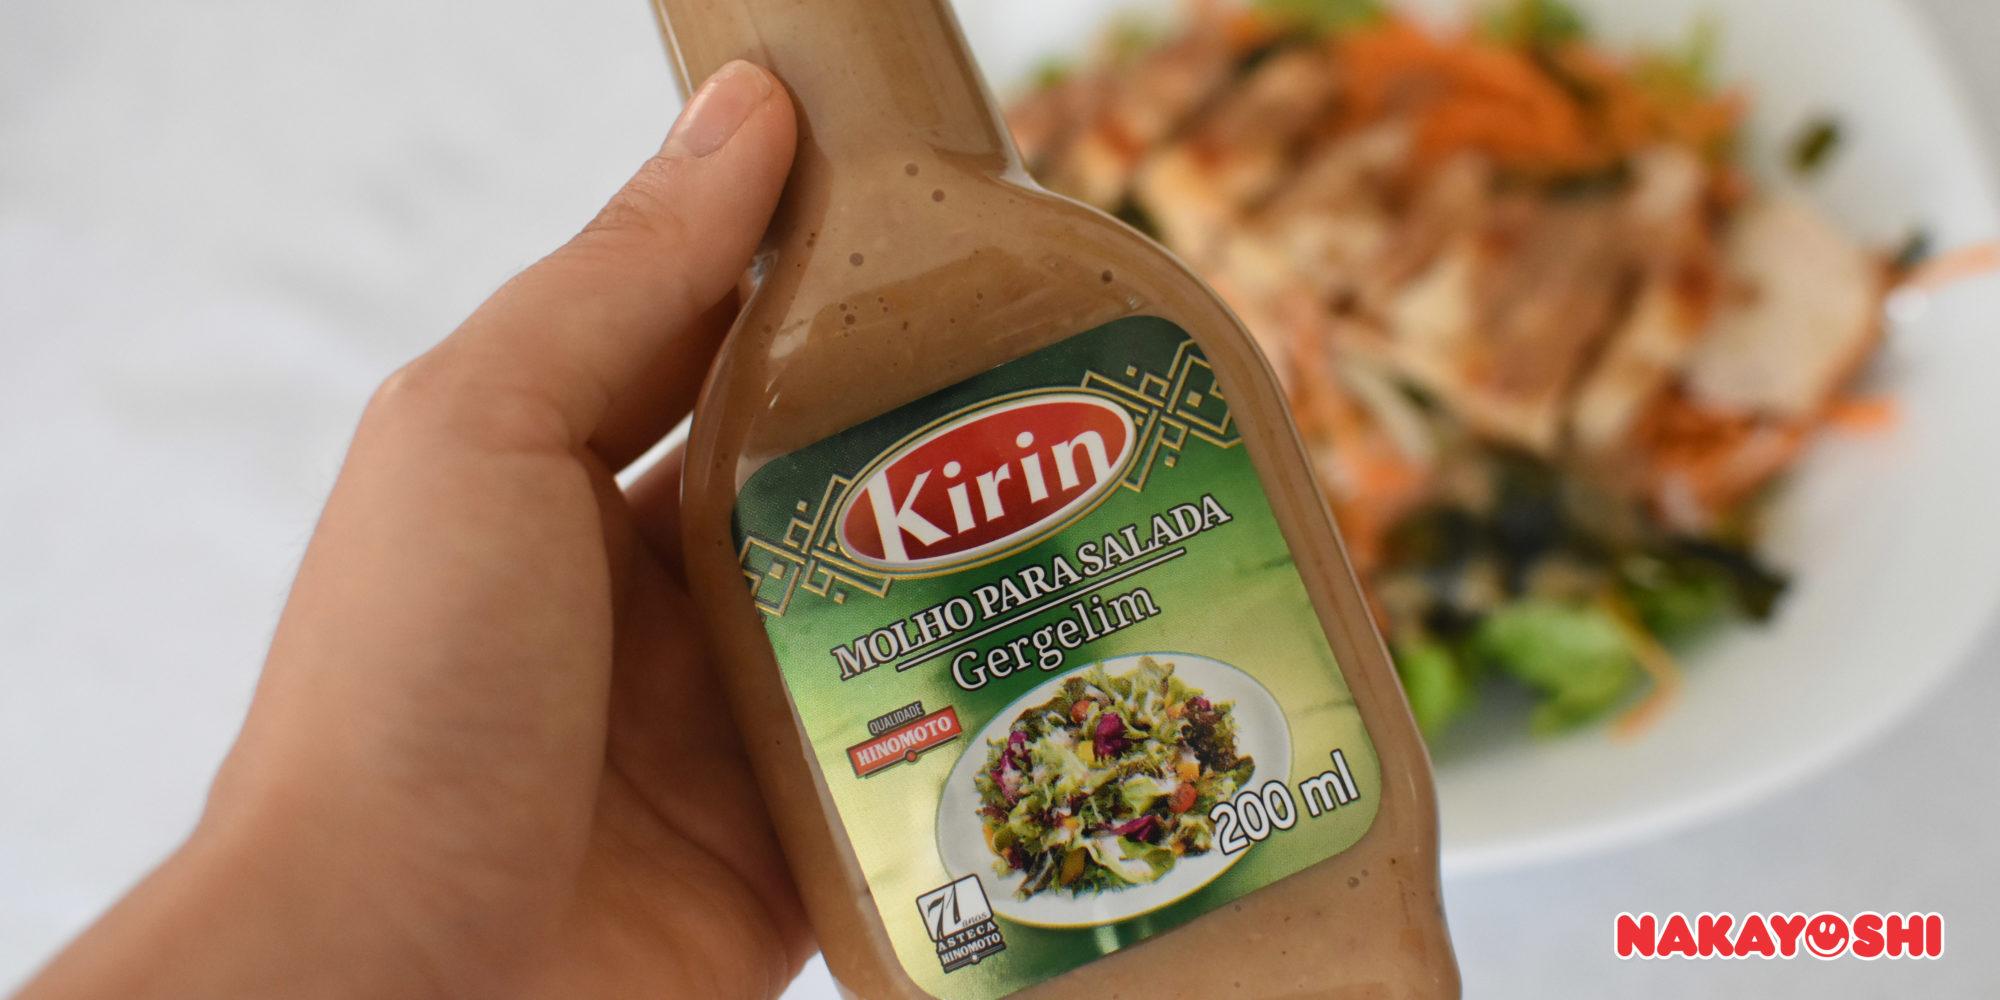 Molho Kirin Gergelim para Salada